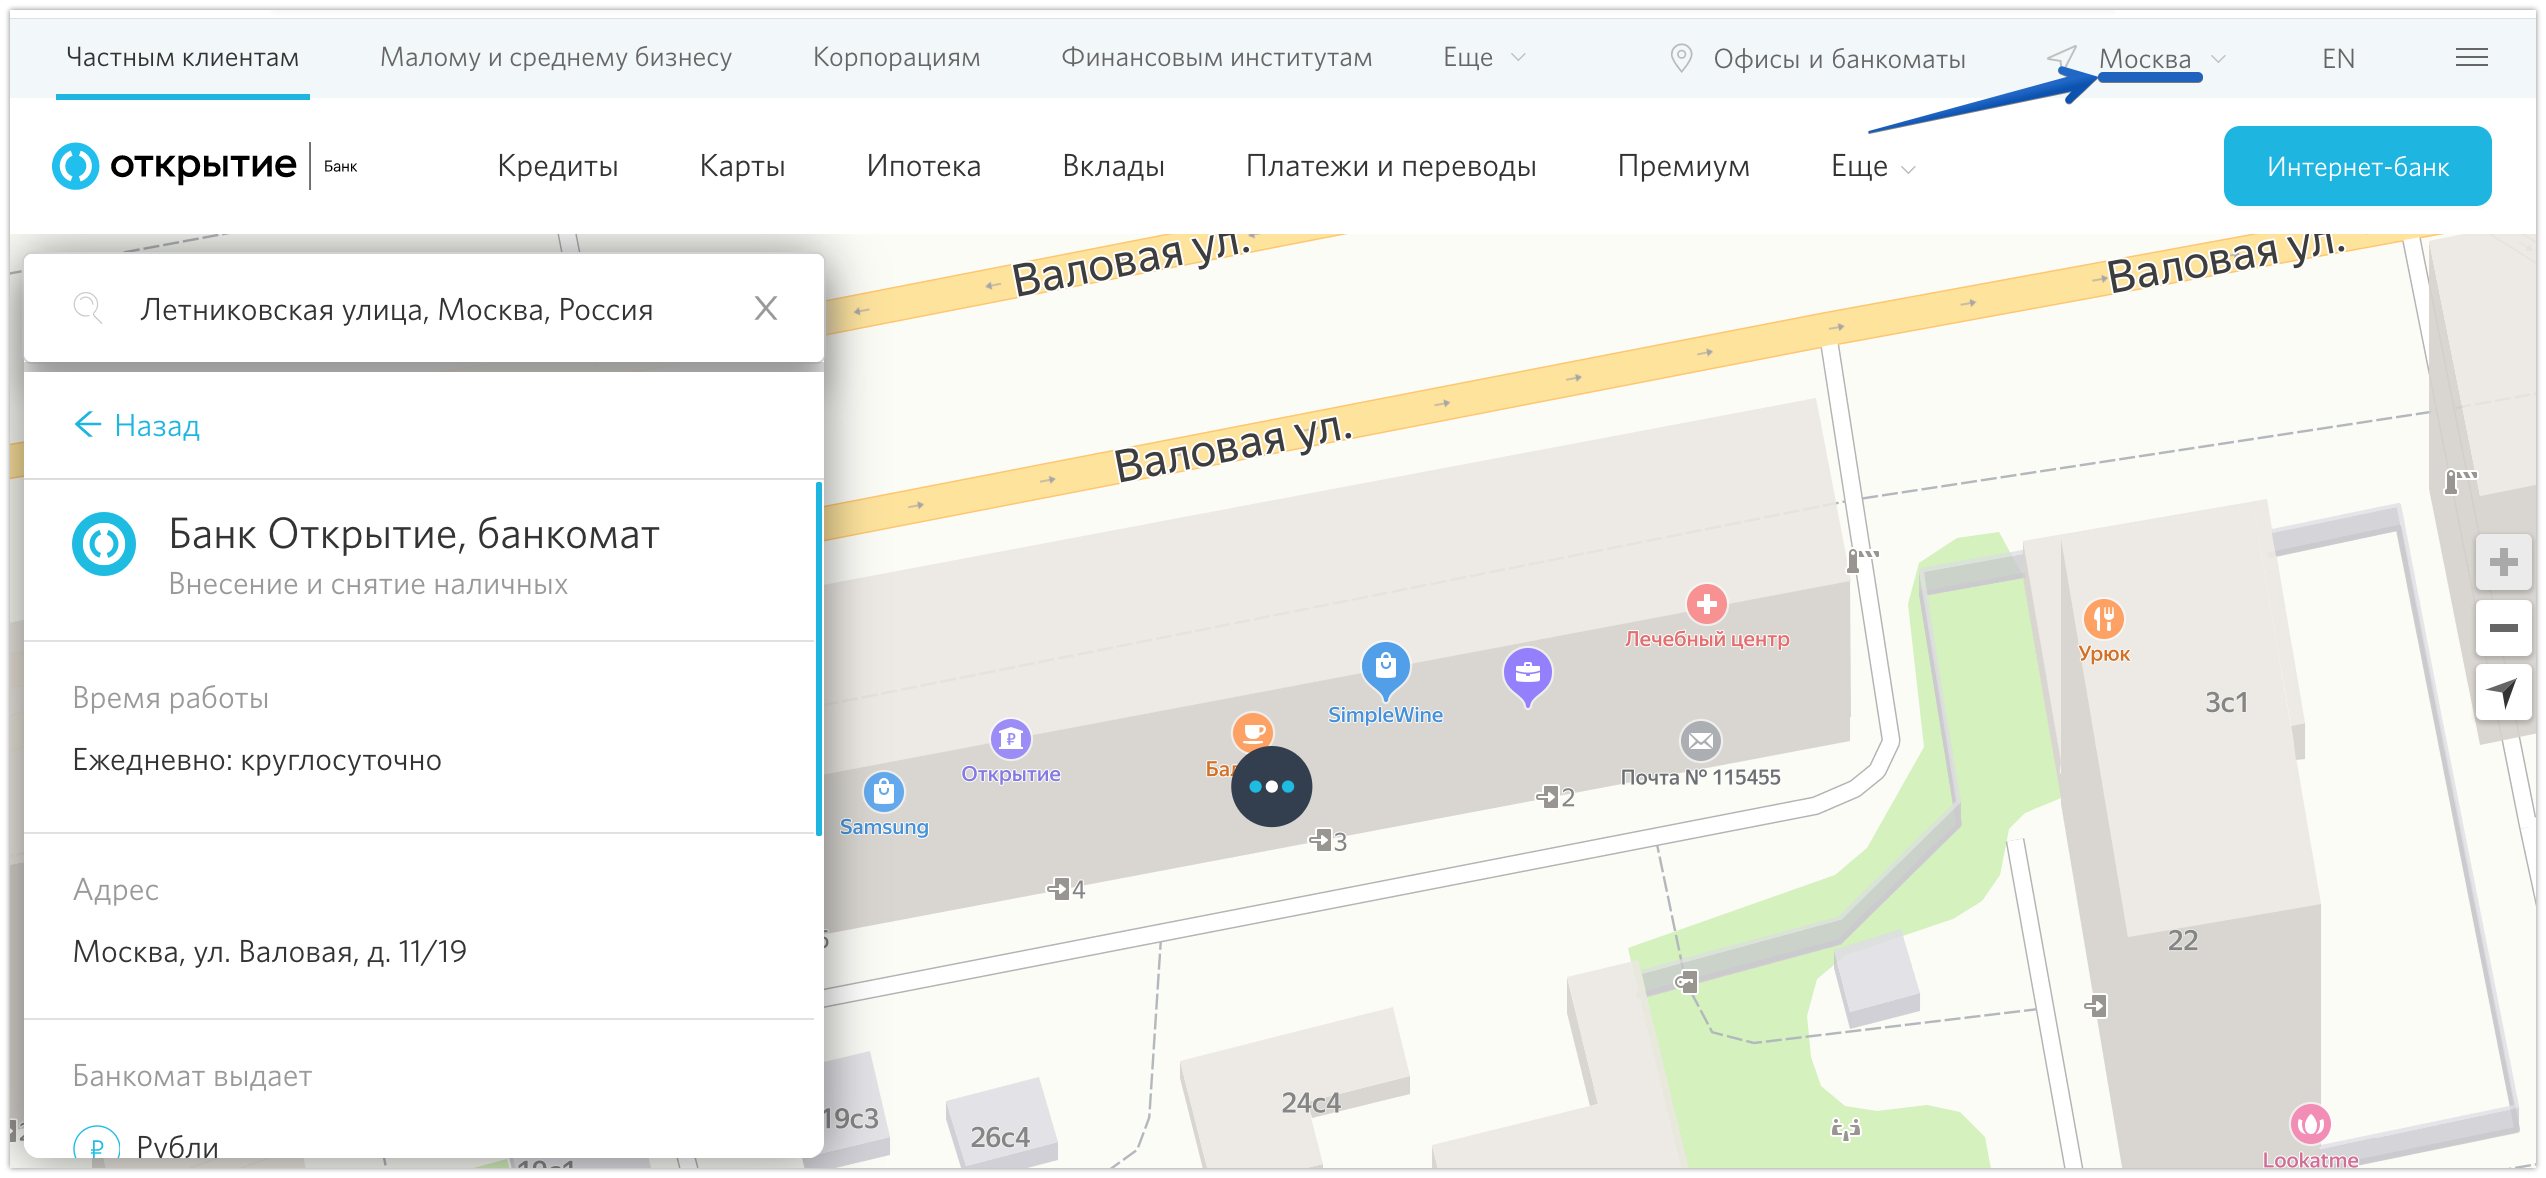 открытие банки партнеры банкоматы без комиссии в москве